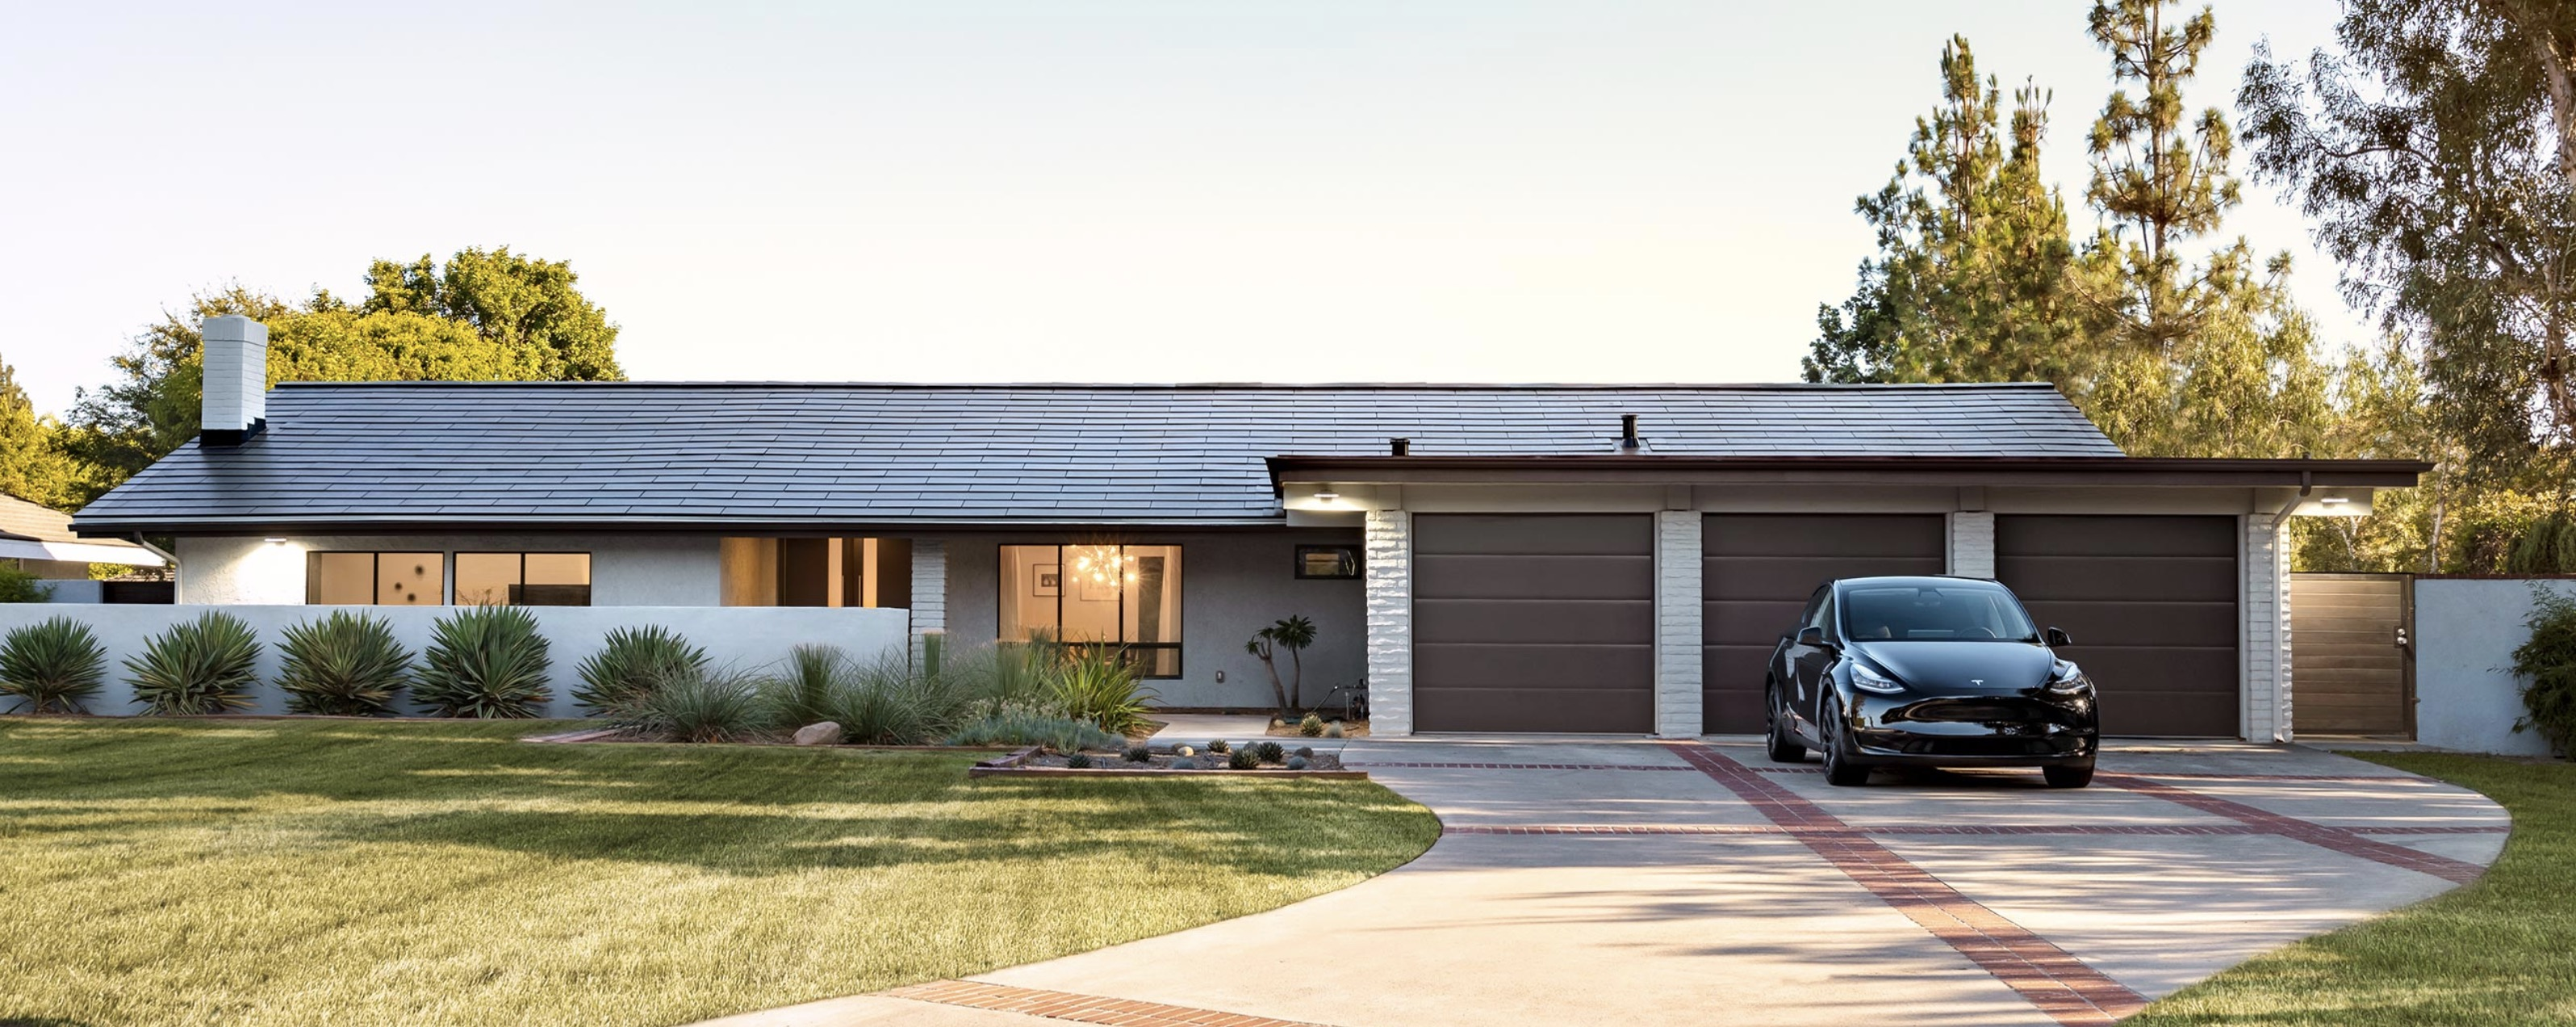 electrek.co - Tesla reduces Solar Roof price, updates website - Electrek